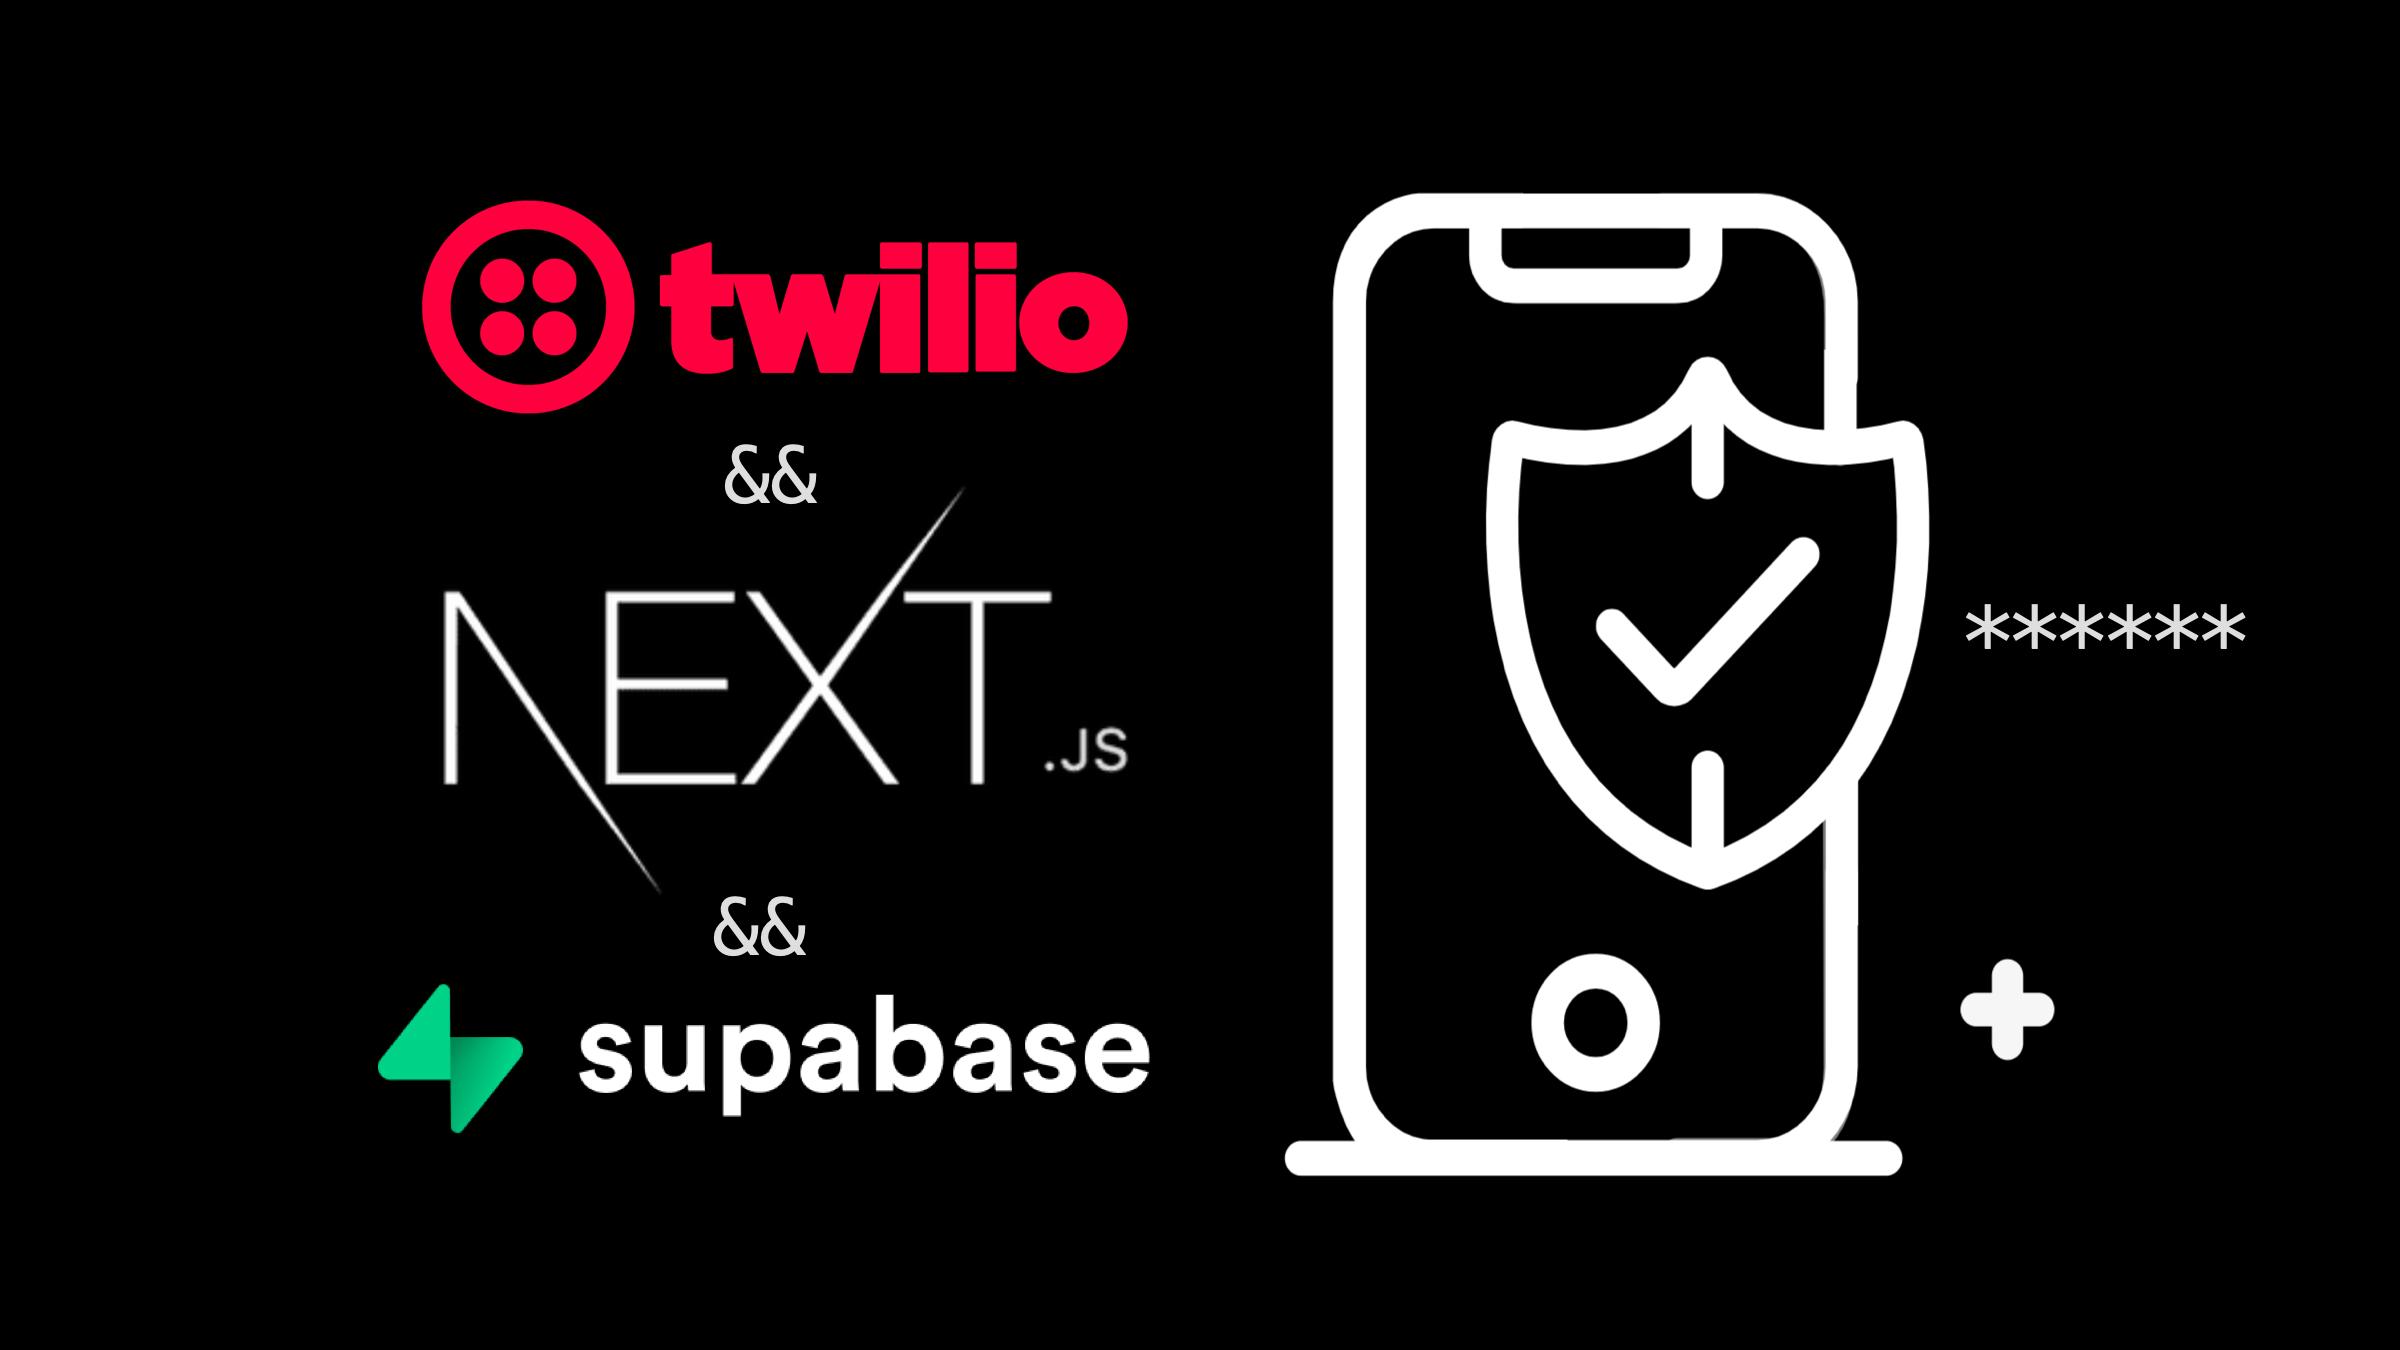 images/how-to-set-up-phone-sms-verification-using-twilio-nextjs-supabase.jpg